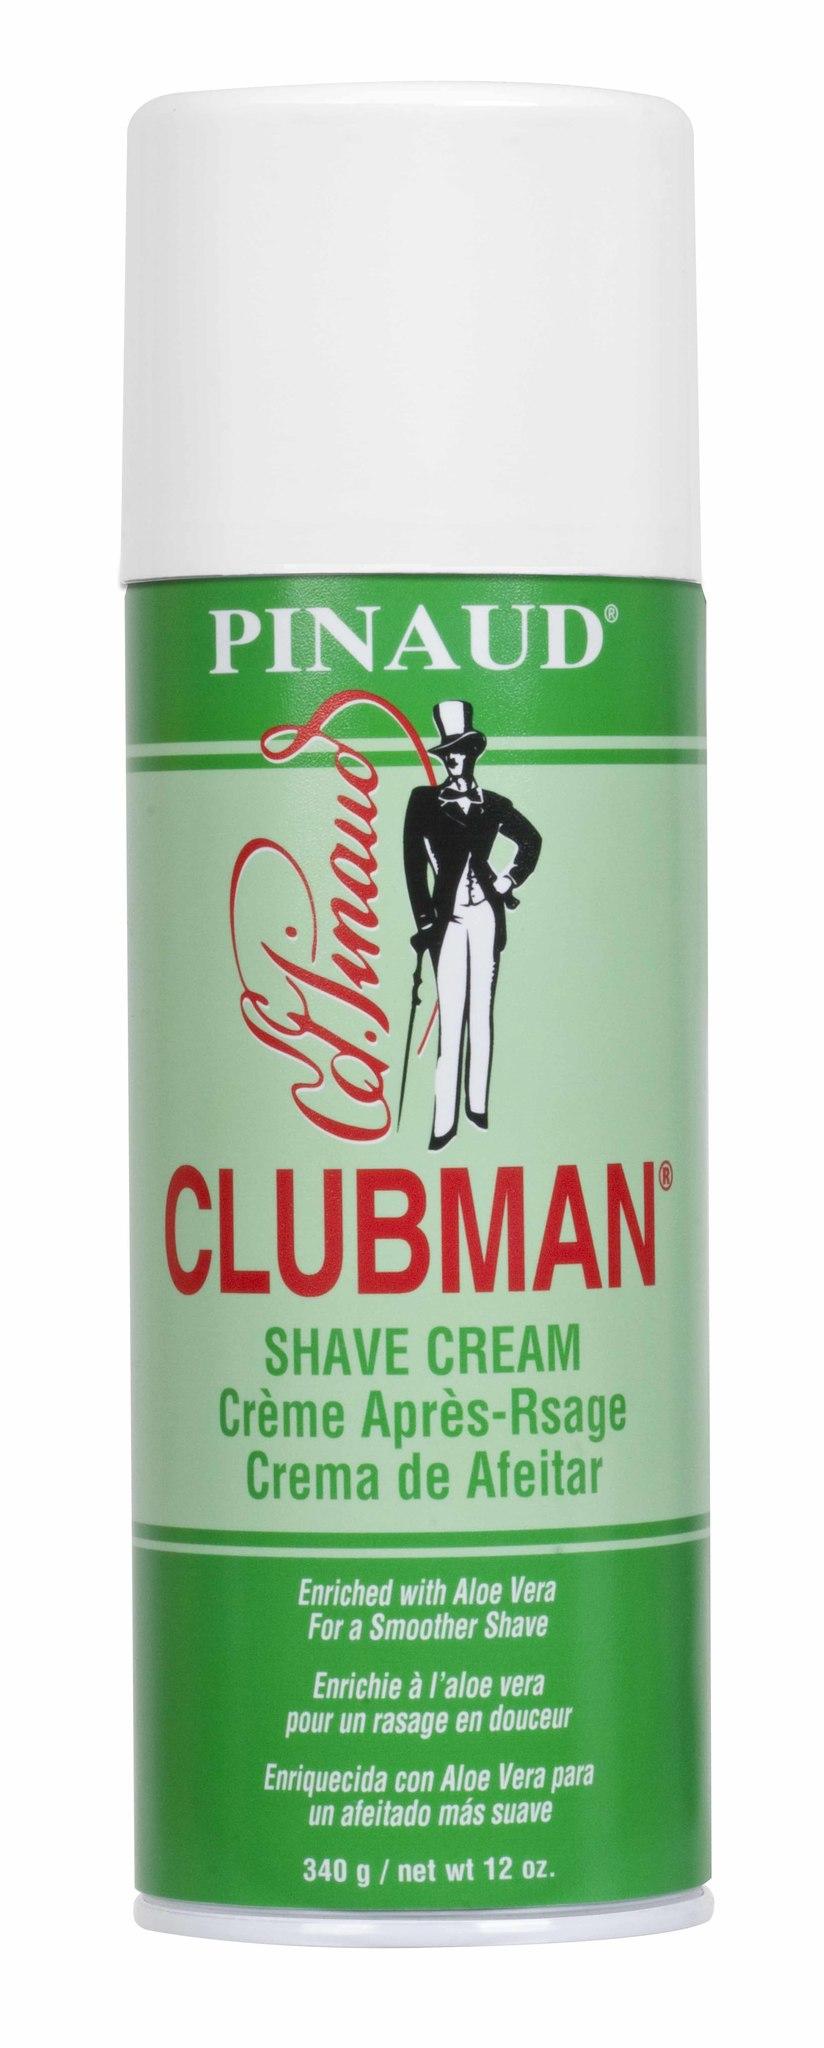 Clubman Shave Cream Классическая пена для бритья с алоэ вера, 340 г